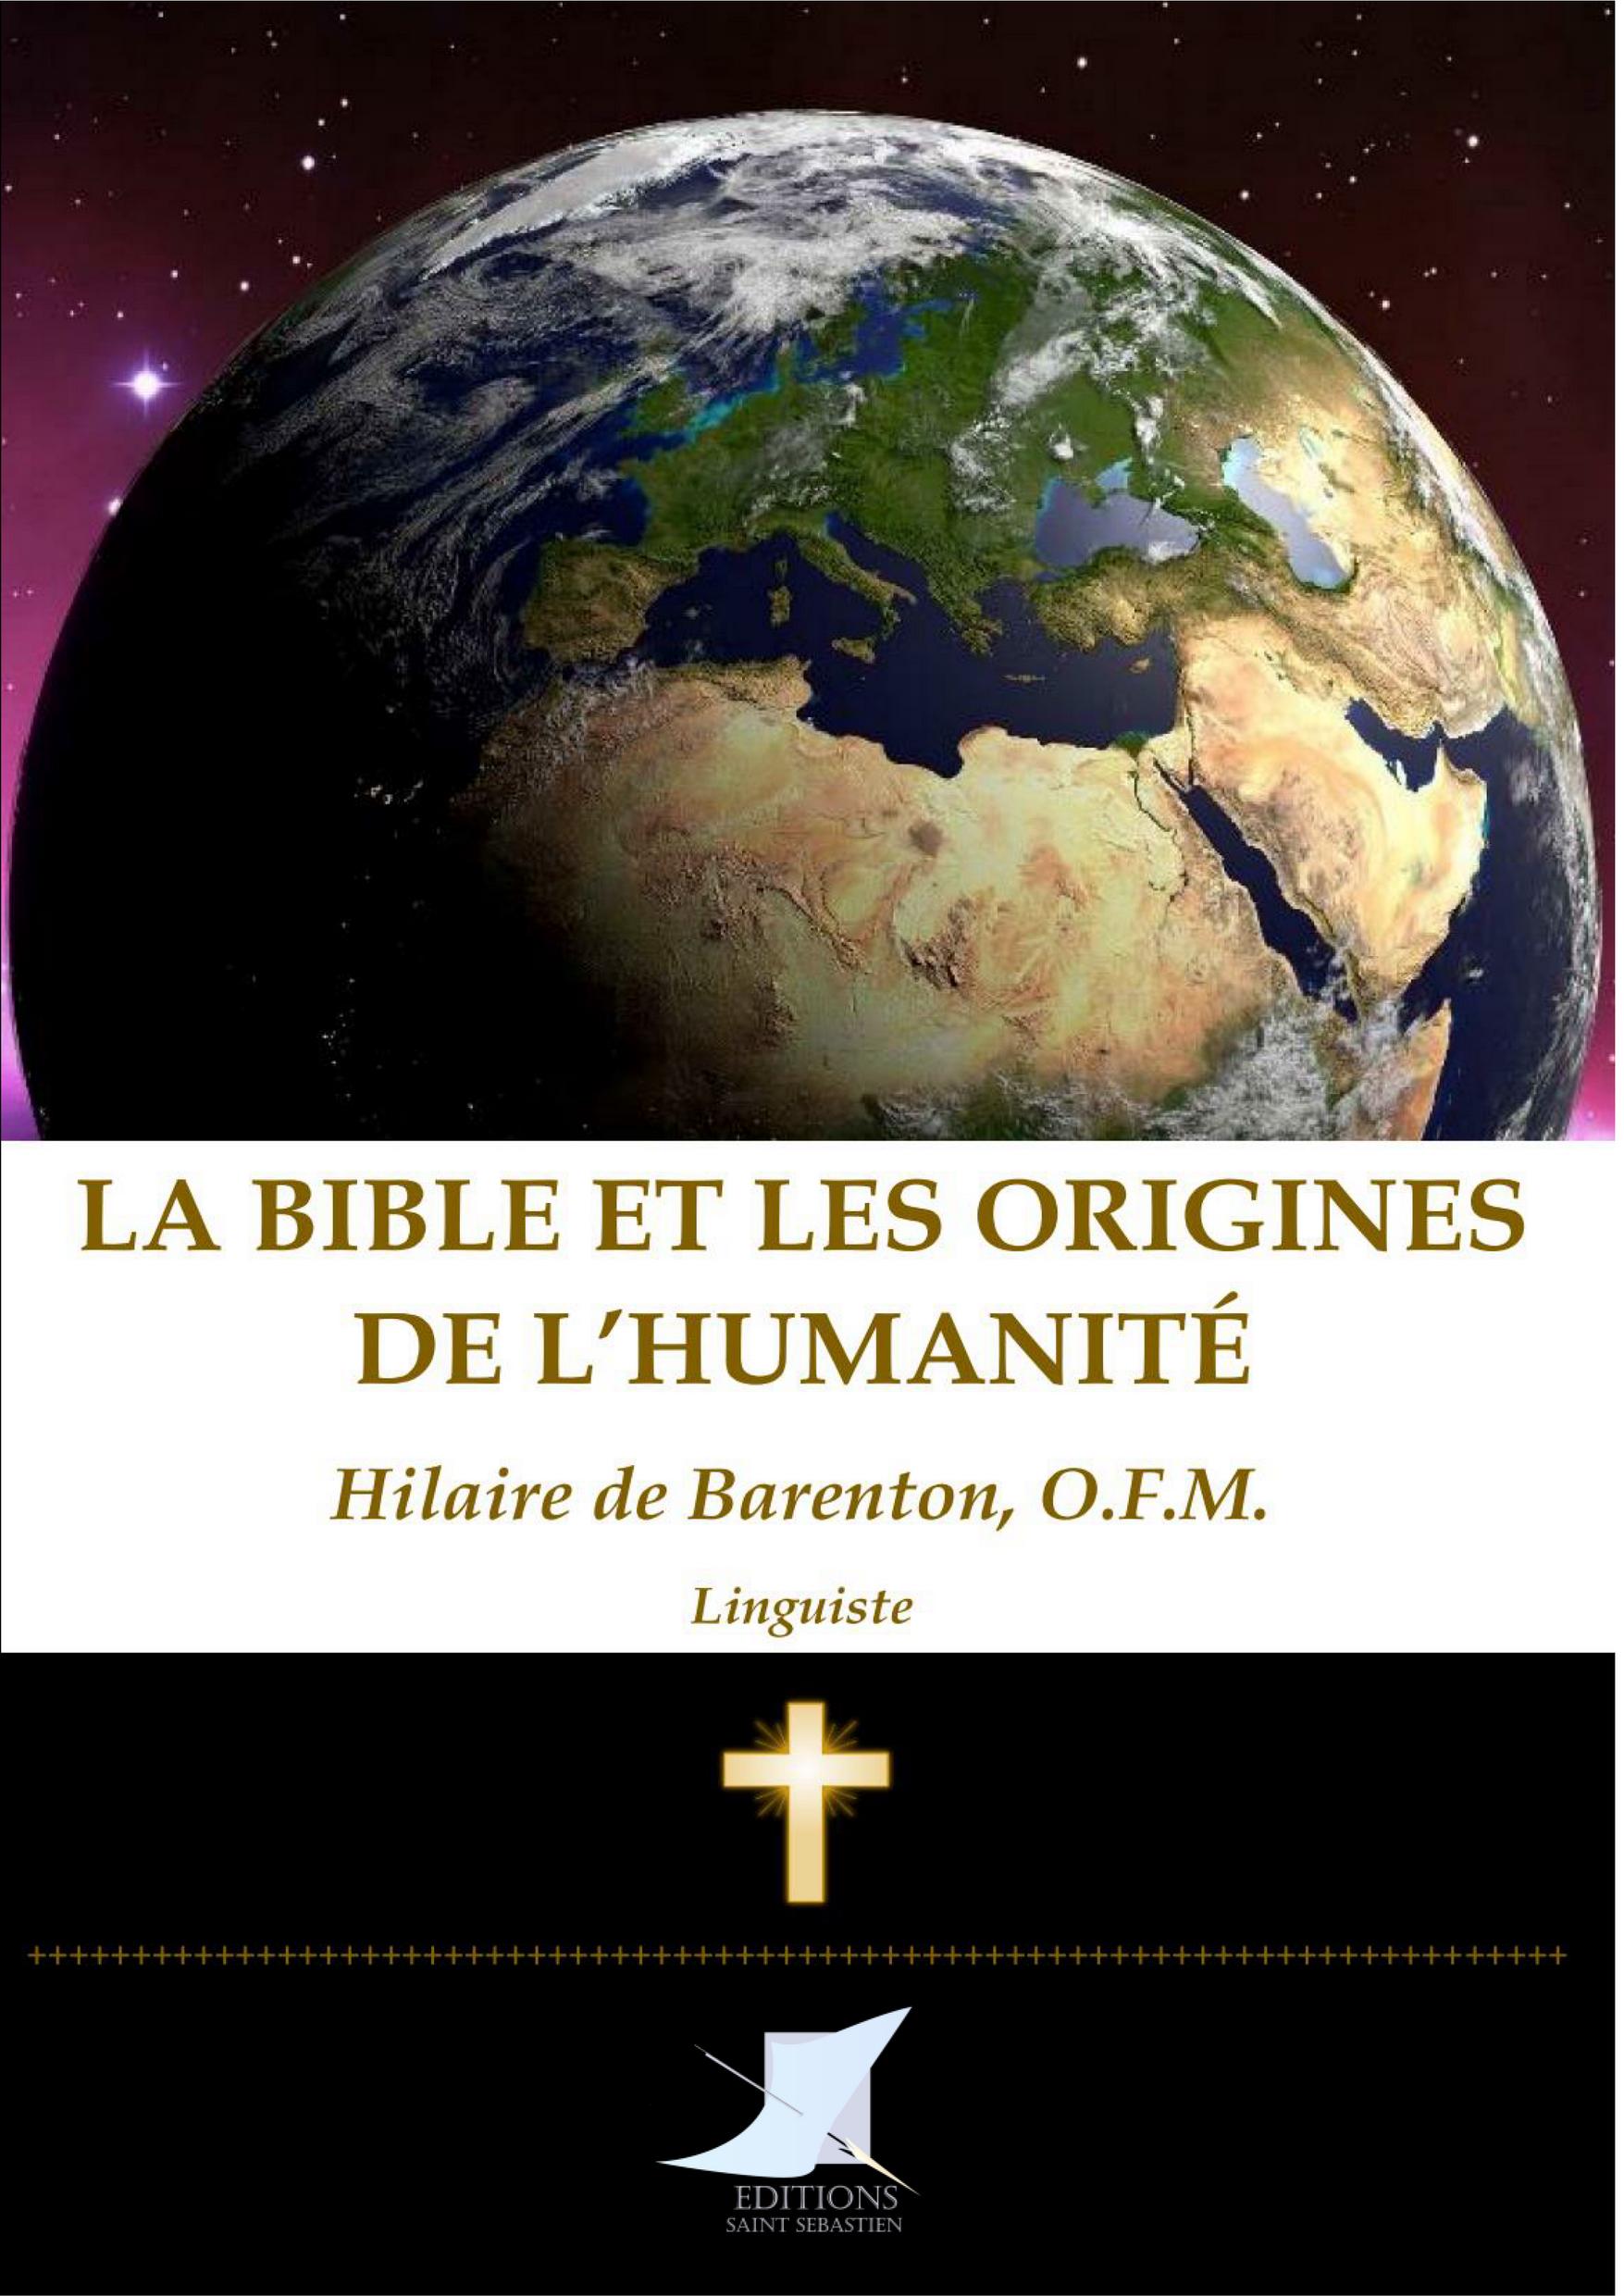 La Bible et les origines de l'humanité